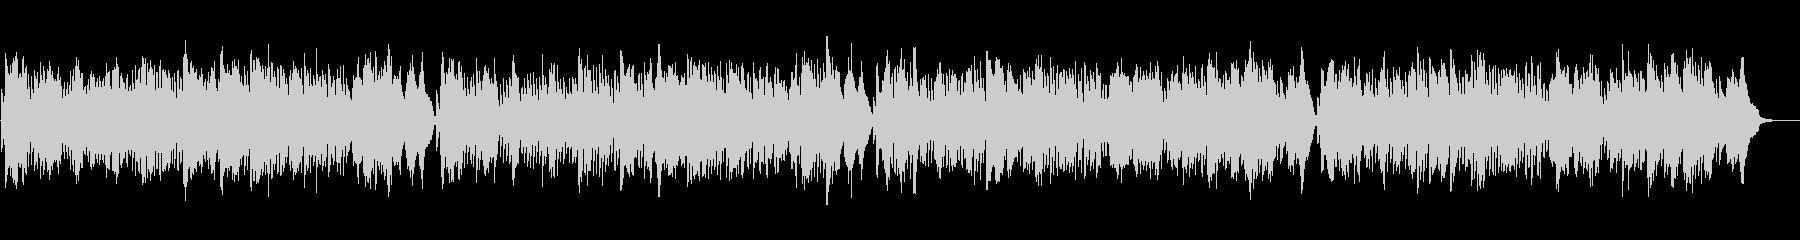 流麗で端正なチェンバロ バロック・高音質の未再生の波形